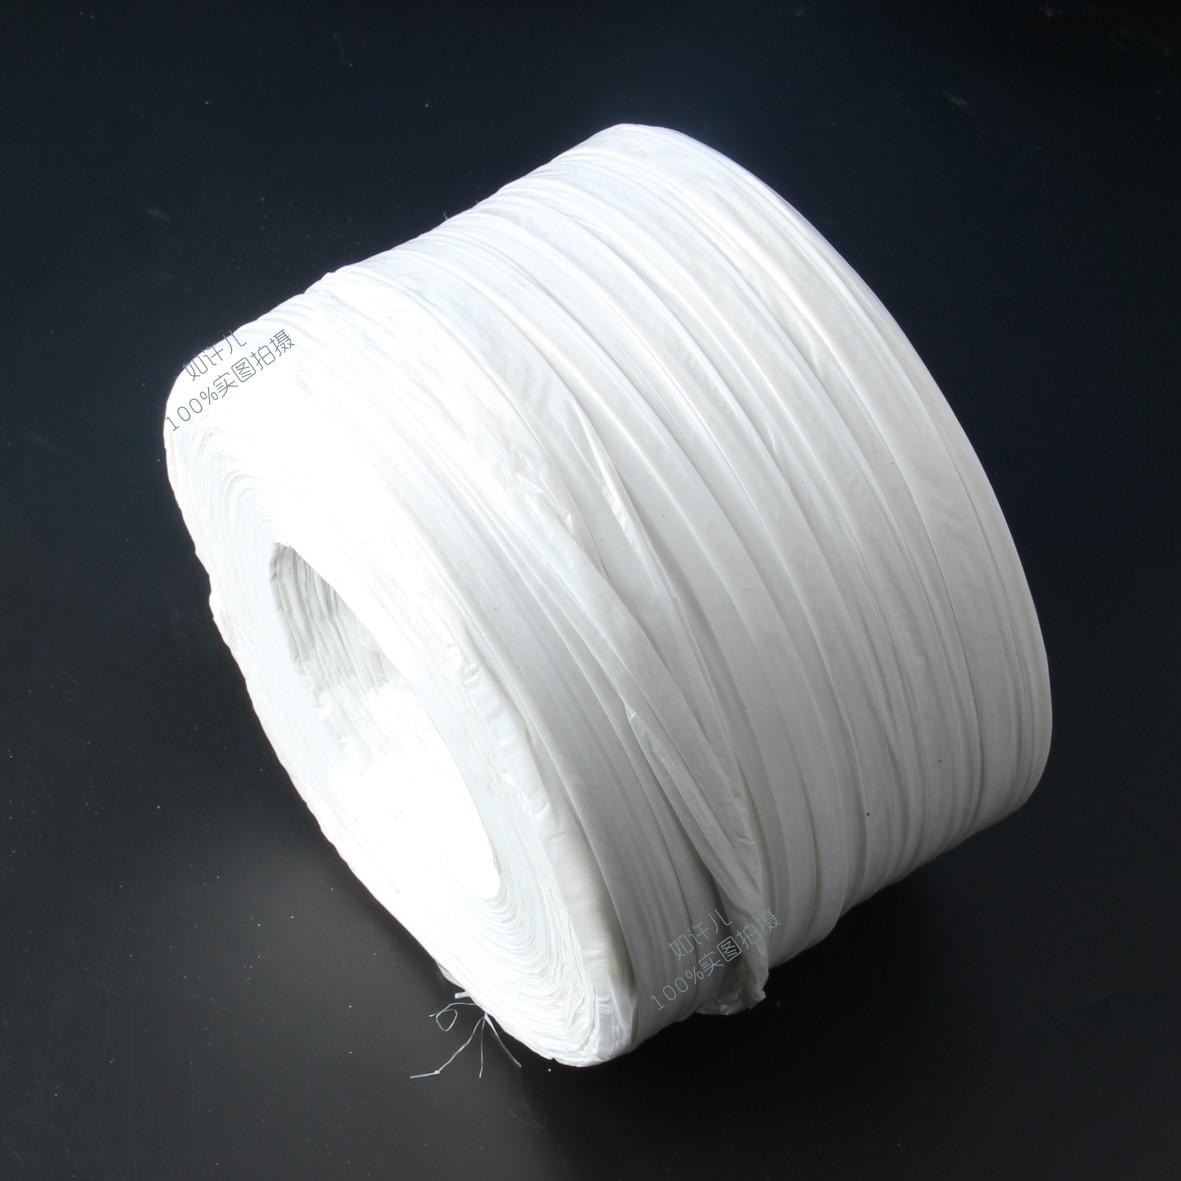 特价塑料捆扎打包绳子撕裂带扎丝扎线草球塑料线全新料2公斤包邮